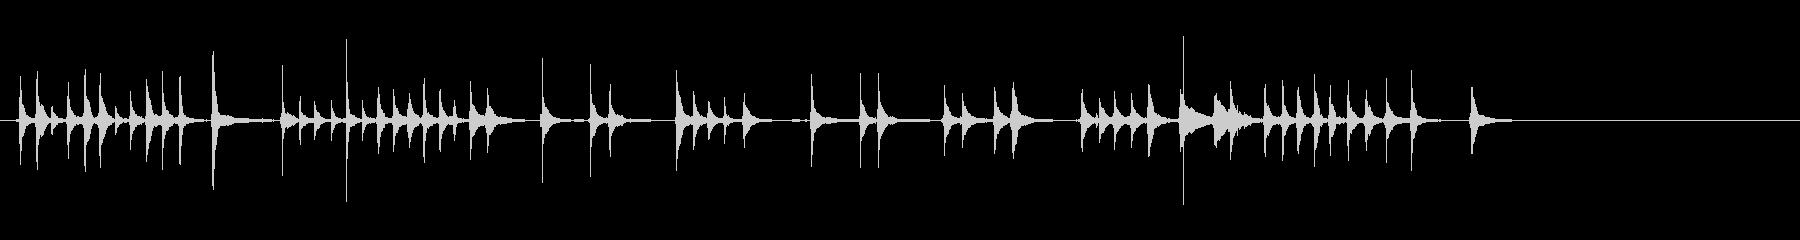 三味線36娘道成寺15日本式レビューショの未再生の波形